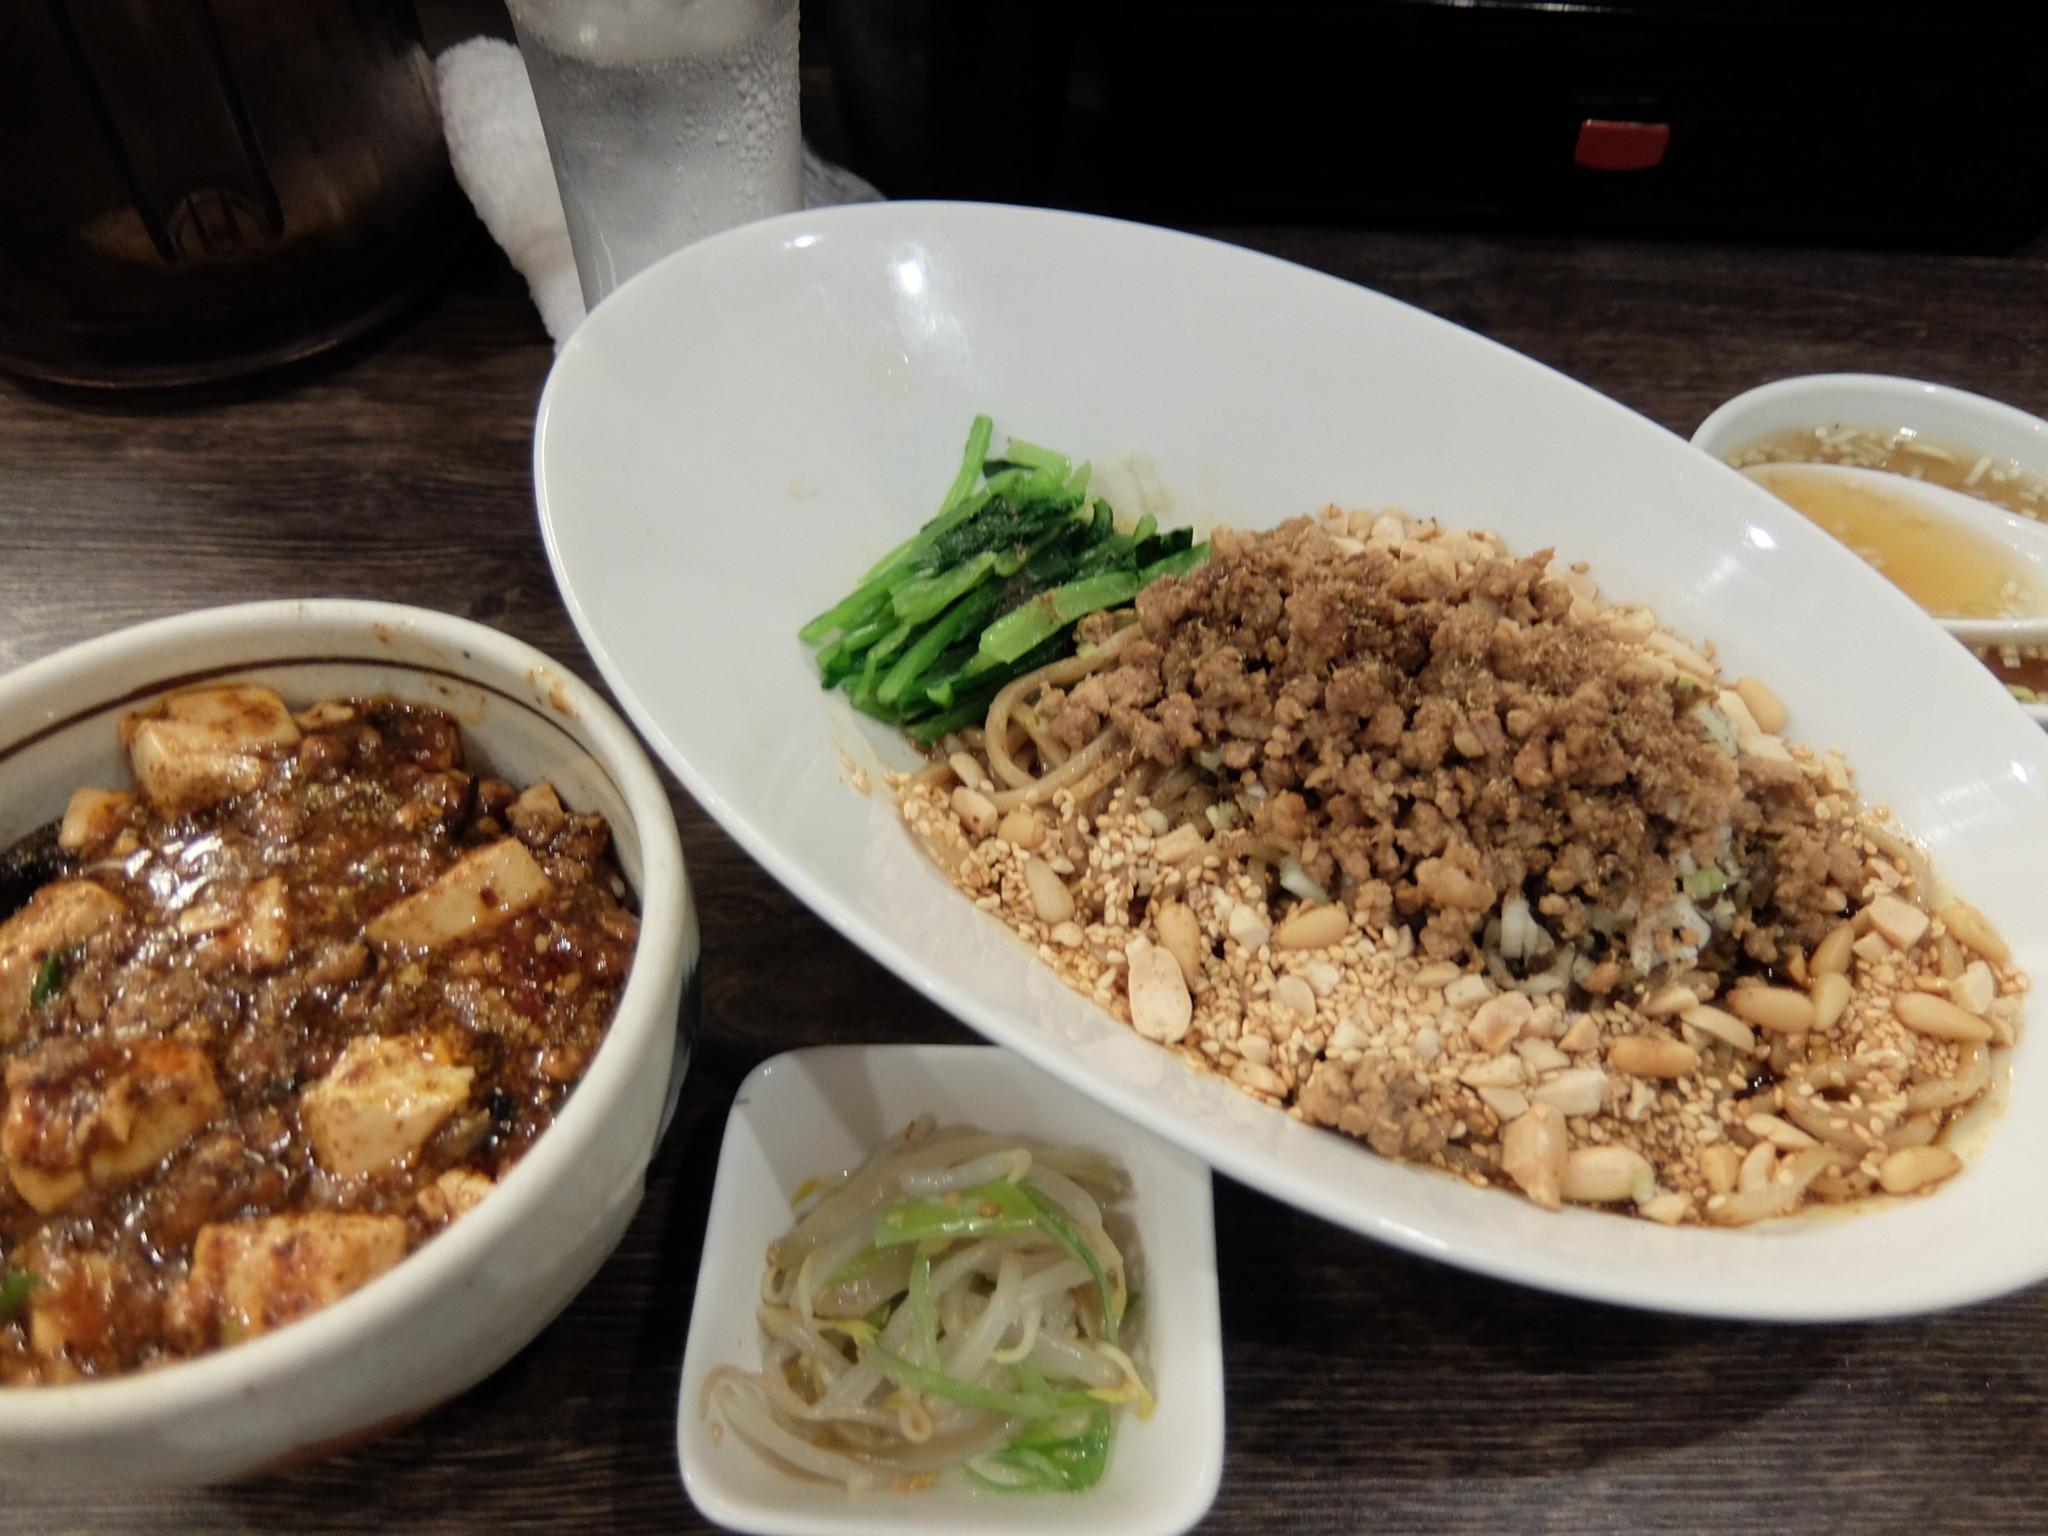 汁なし担担麺と小麻婆豆腐かけご飯セット